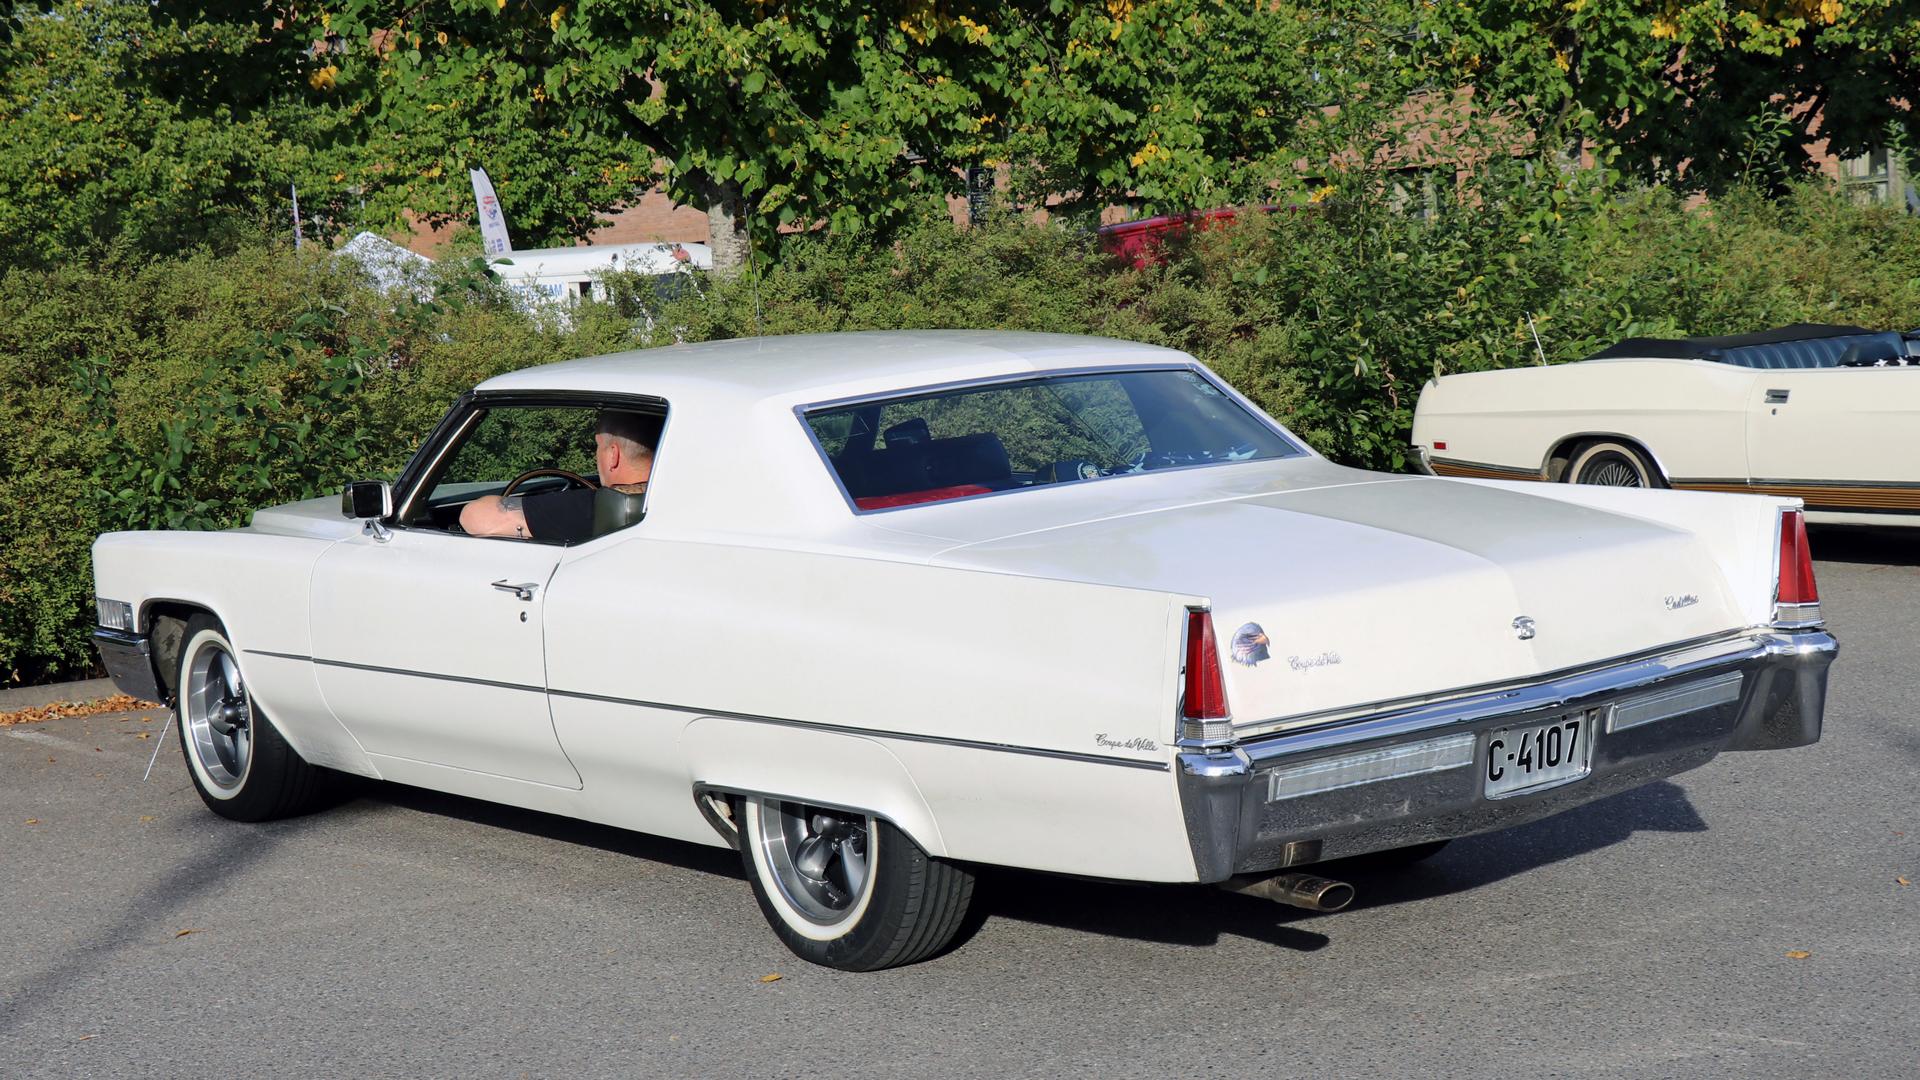 307-1969 Cadillac Coupe deVille 03. Eiere- medlem